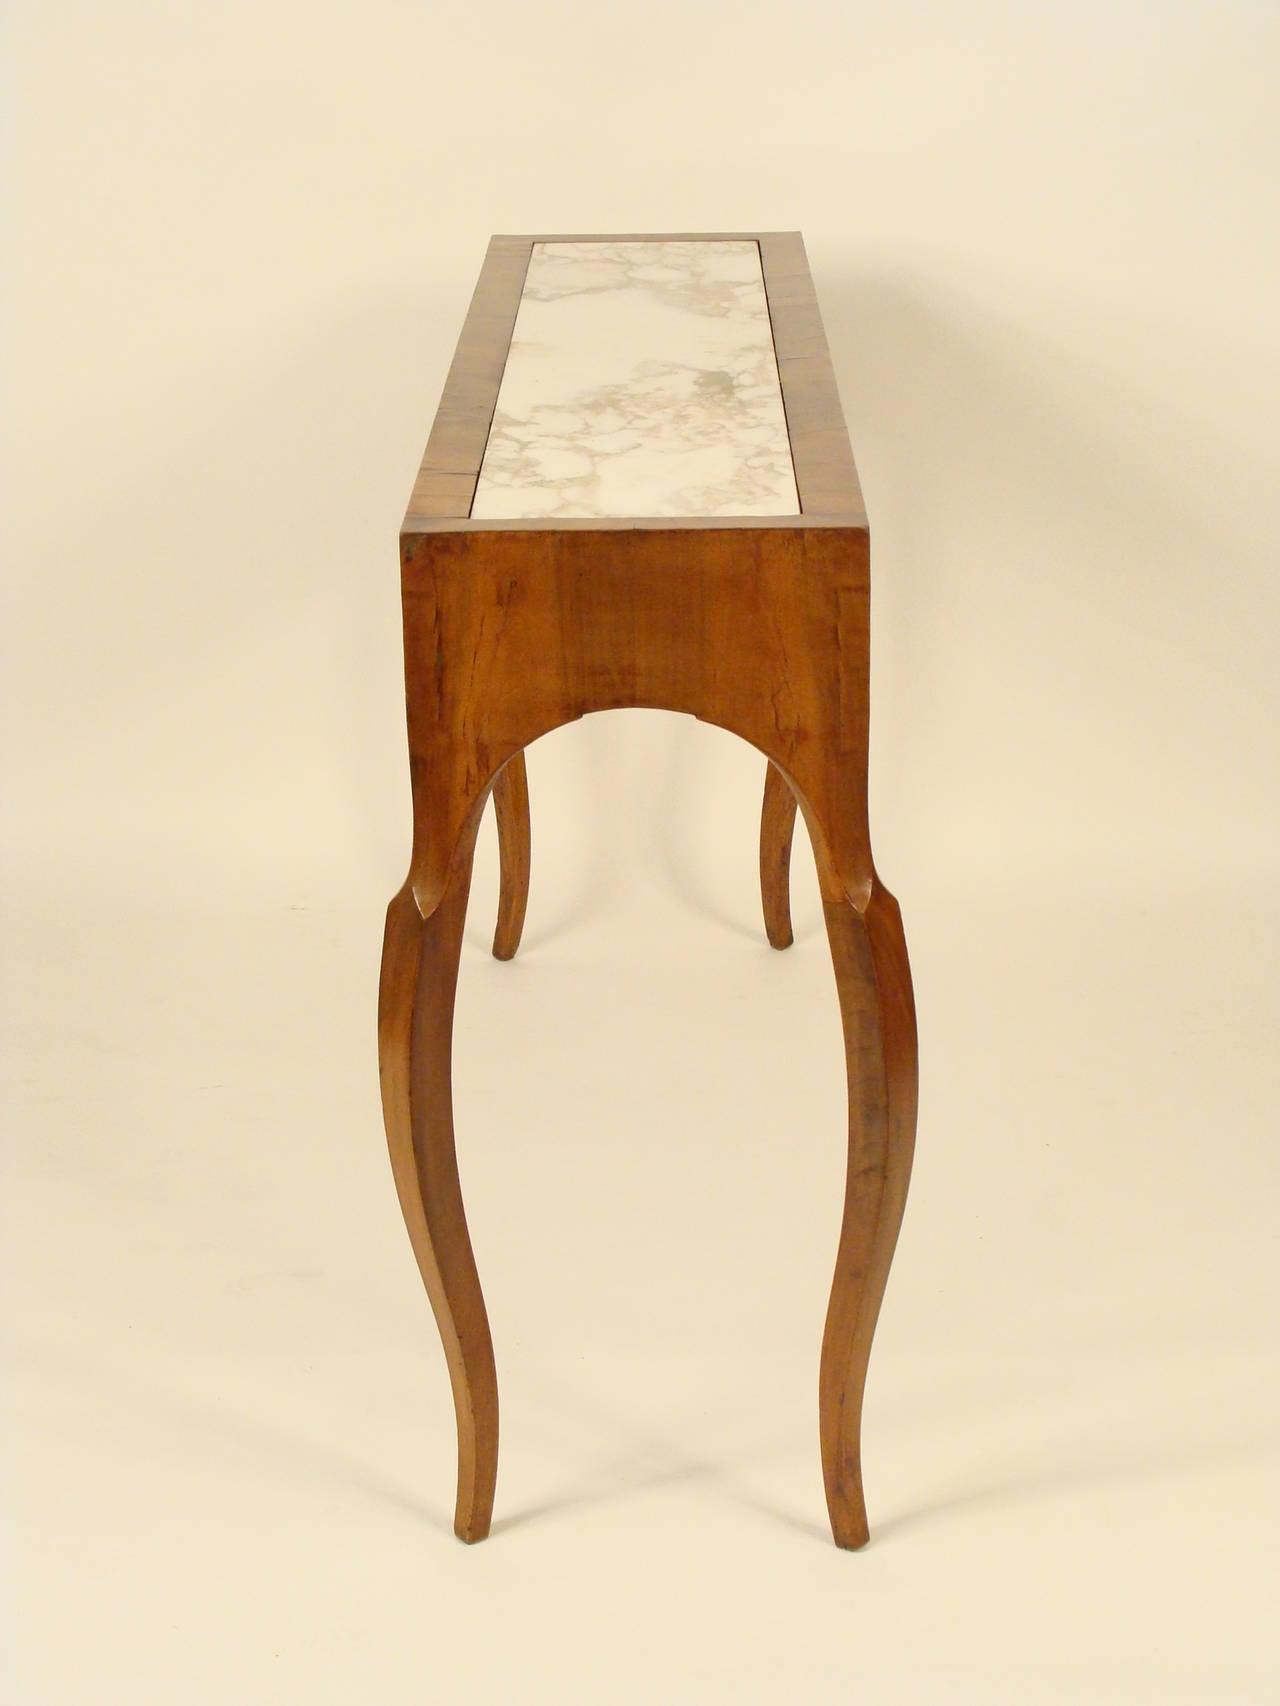 art moderne sofa table at 1stdibs. Black Bedroom Furniture Sets. Home Design Ideas